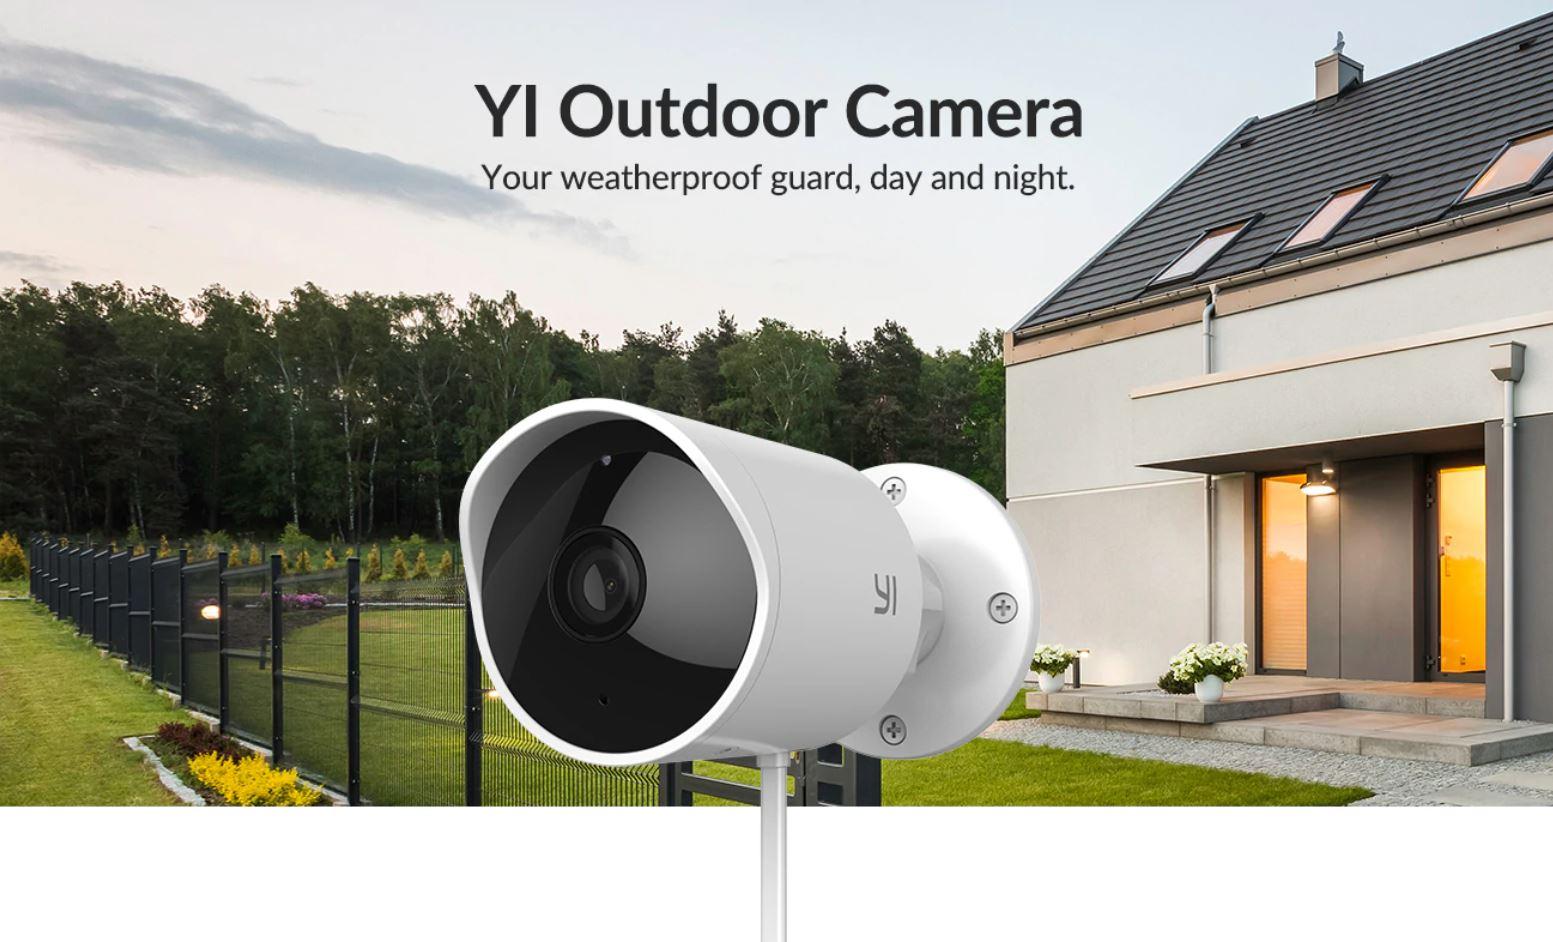 kamera YI Outdoor Camera z Aliexpress